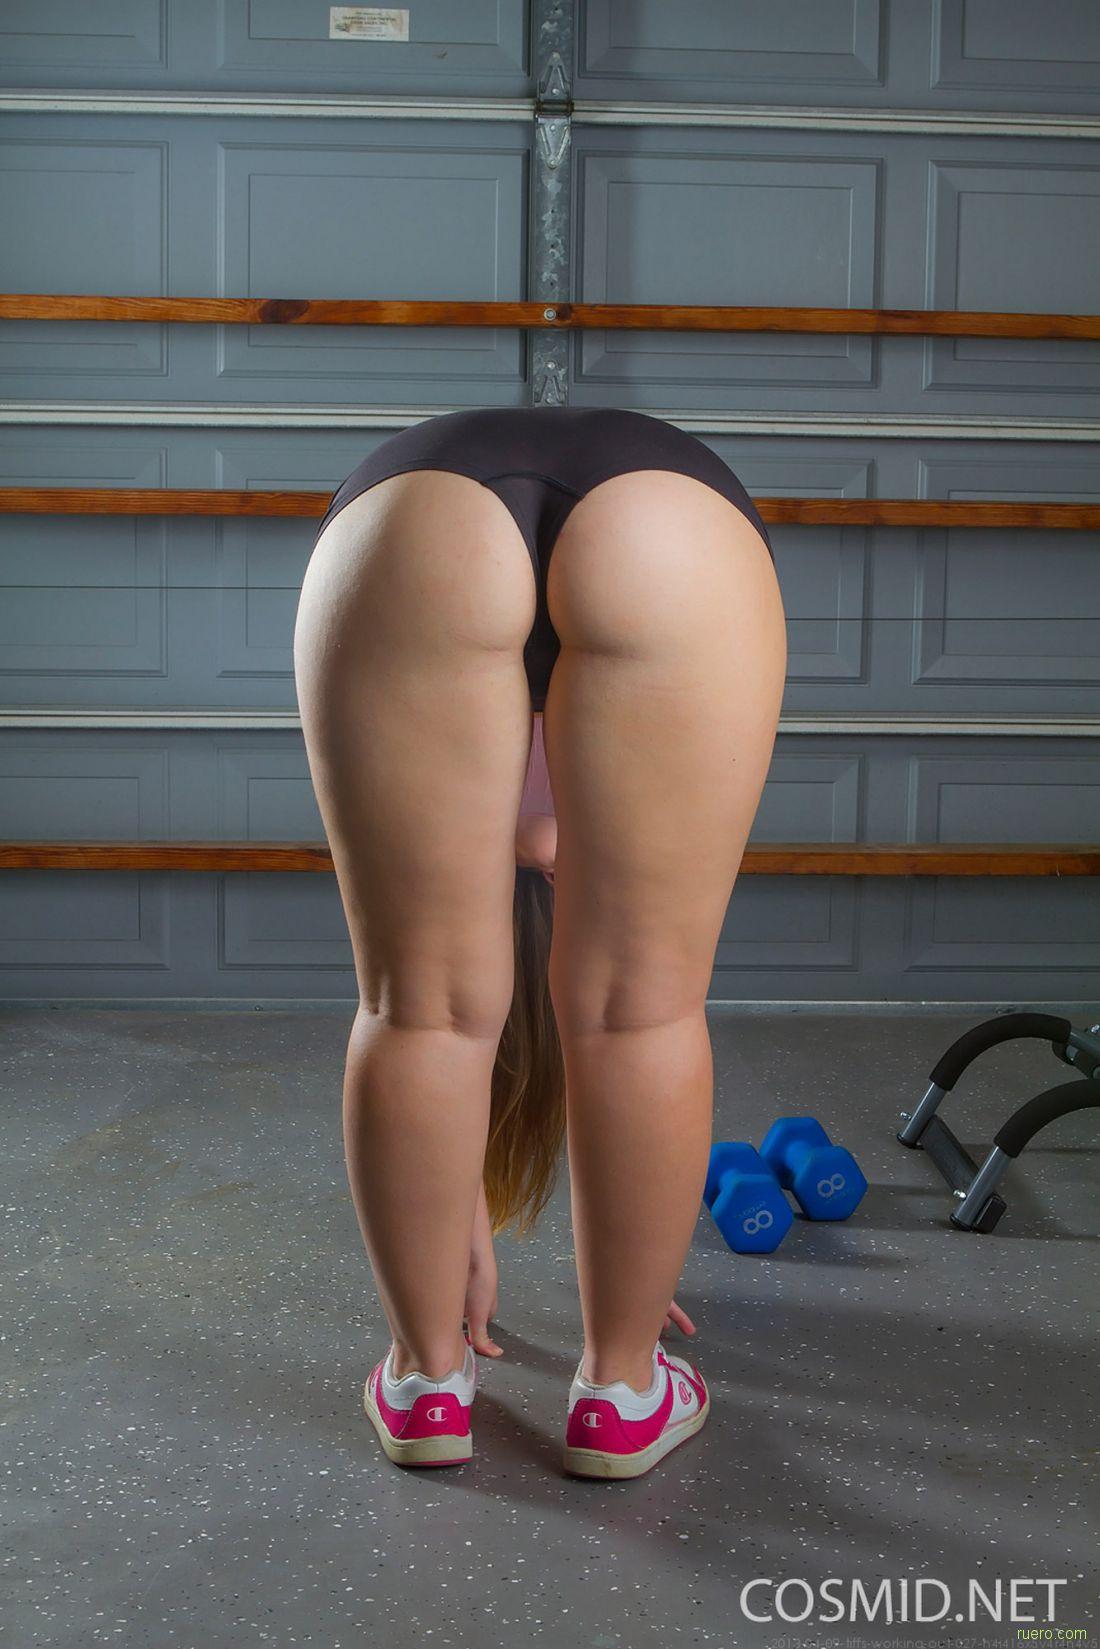 bent-over-panties-around-calves-rihanna-clit-pictures